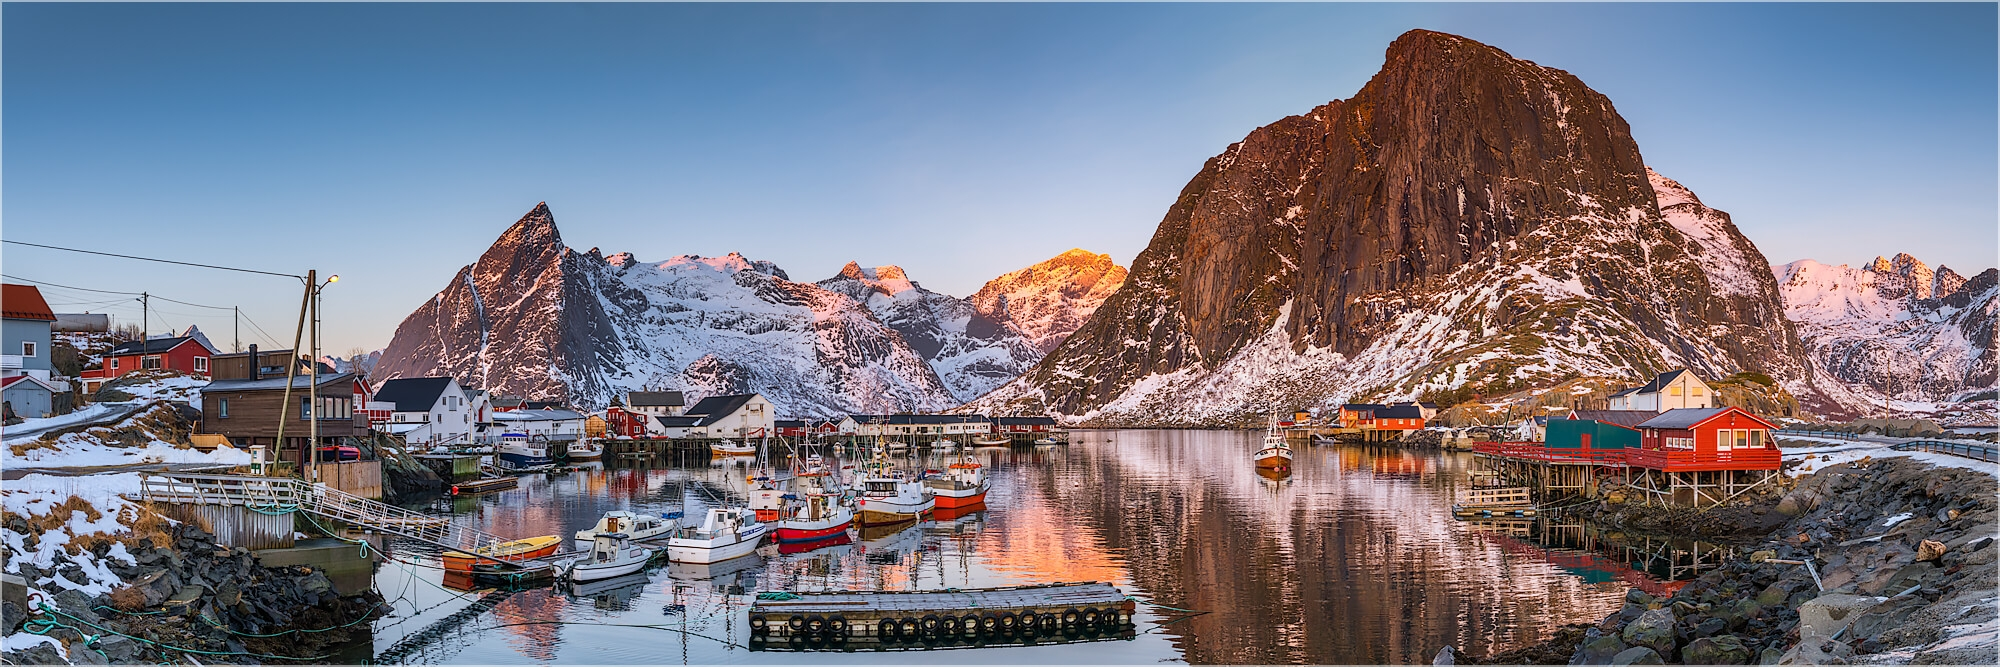 Panoramafoto Hafen von Hamnøy Lofoten Norwegen